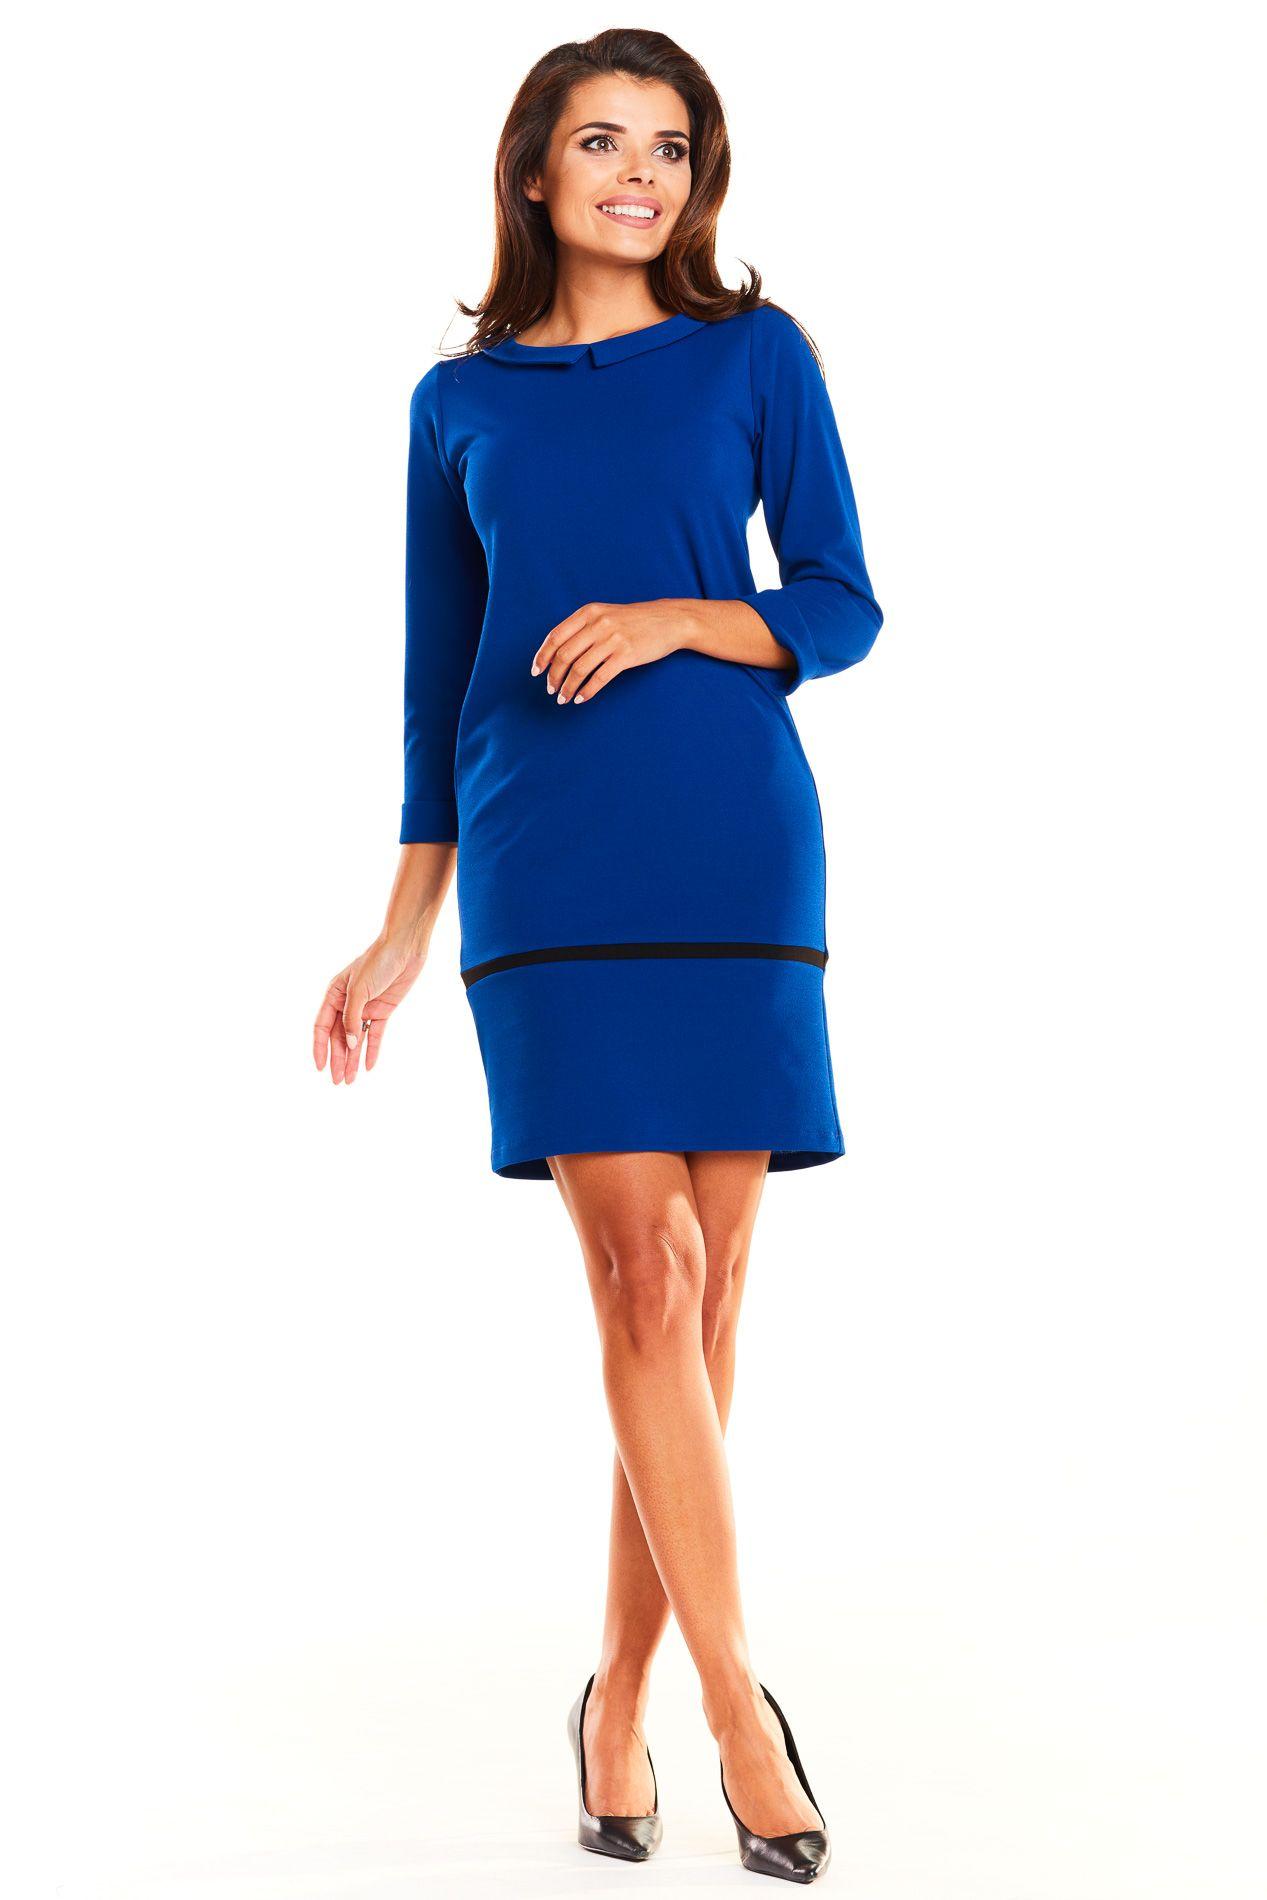 a022df06a3 Elegancka Sukienka z Kołnierzykiem Niebieska AW238 w 2019